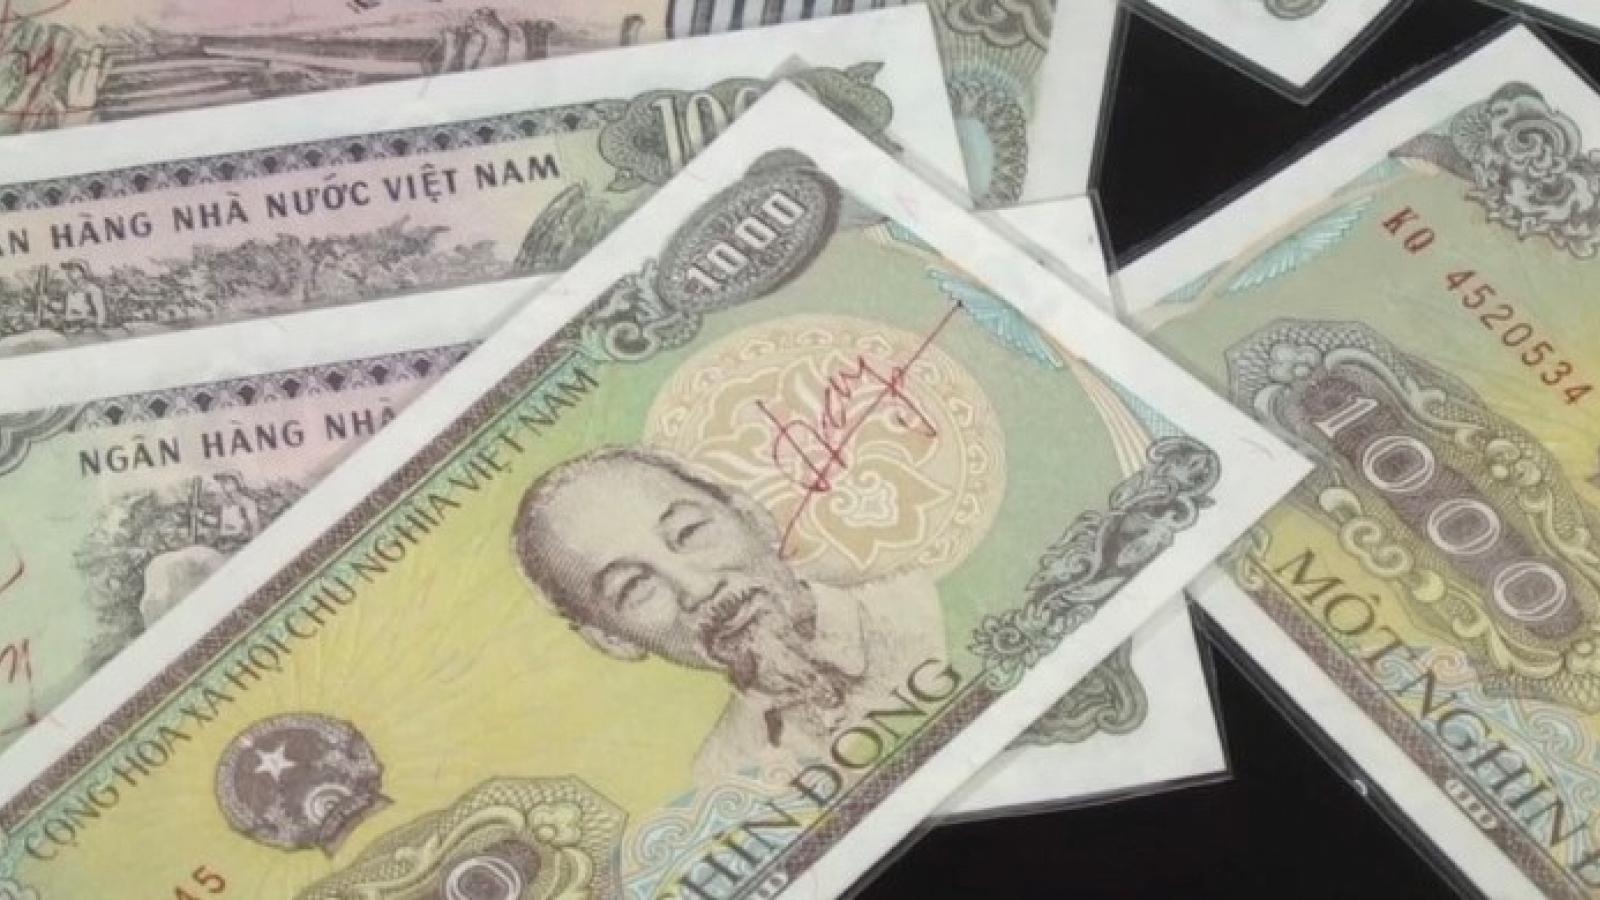 Bí mật phía sau những tờ tiền mệnh giá 1.000 đồng được ép plastic